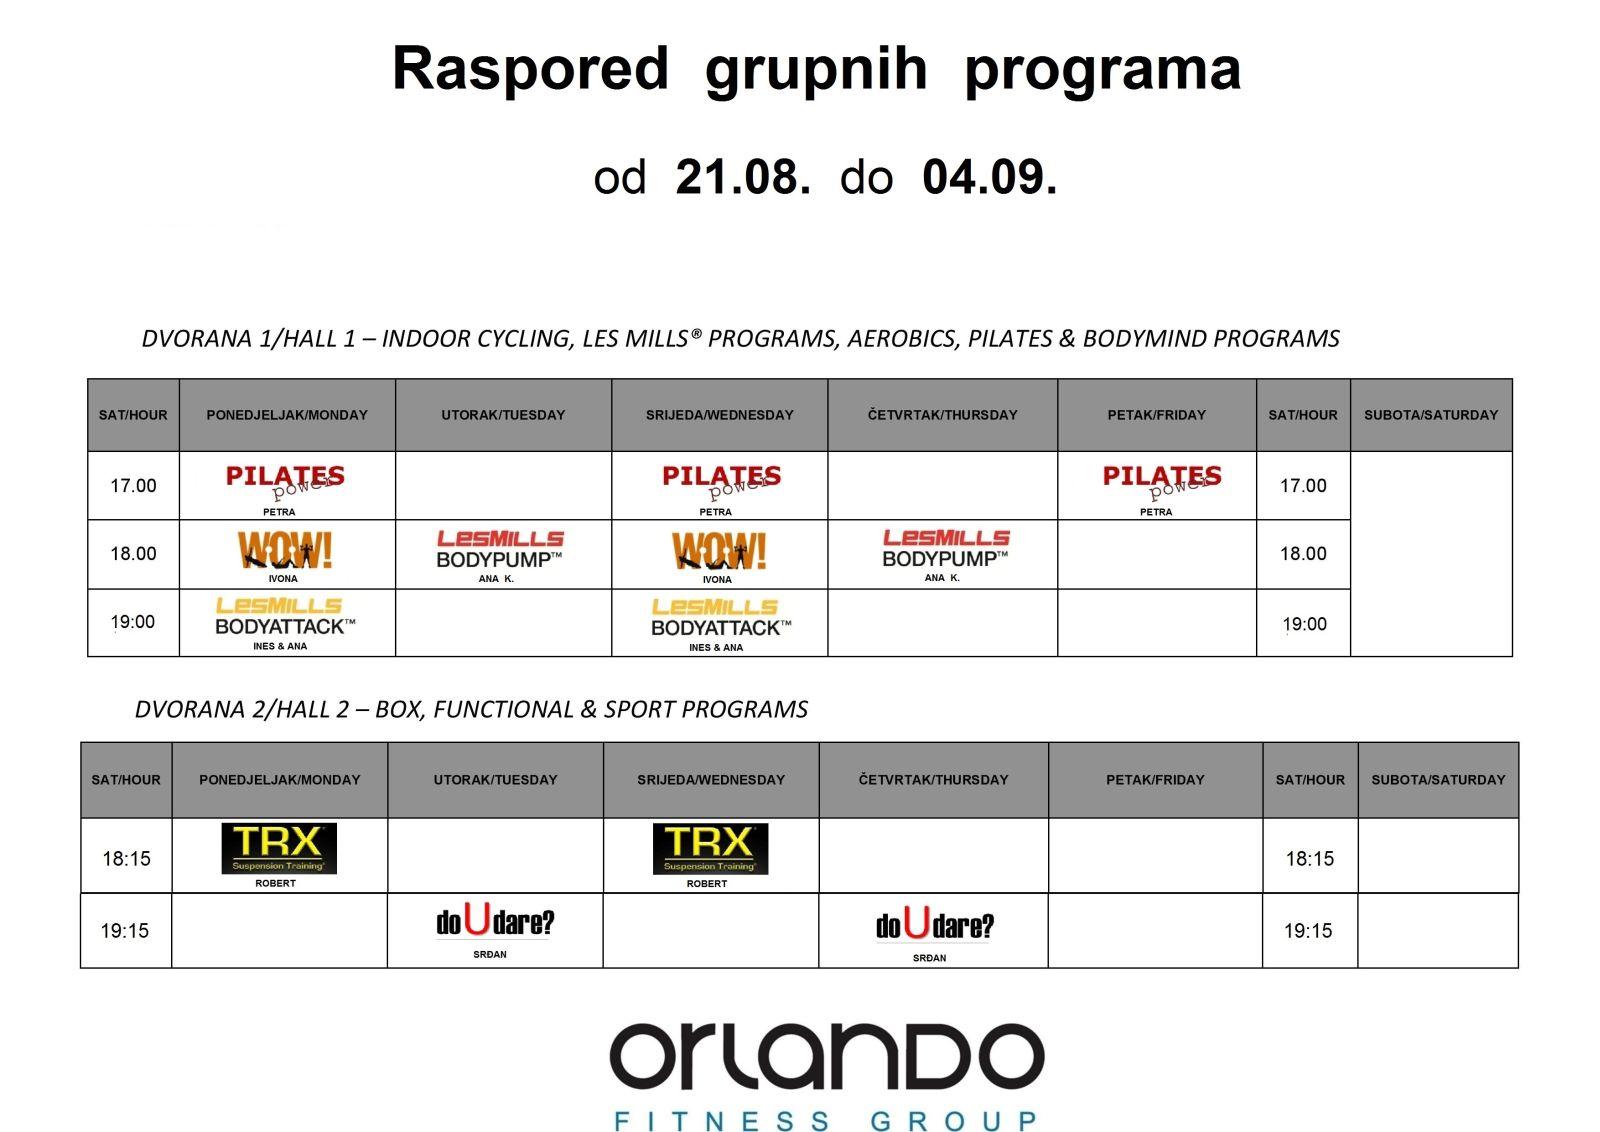 Raspored grupnih programa od 21.08. do 04.09.